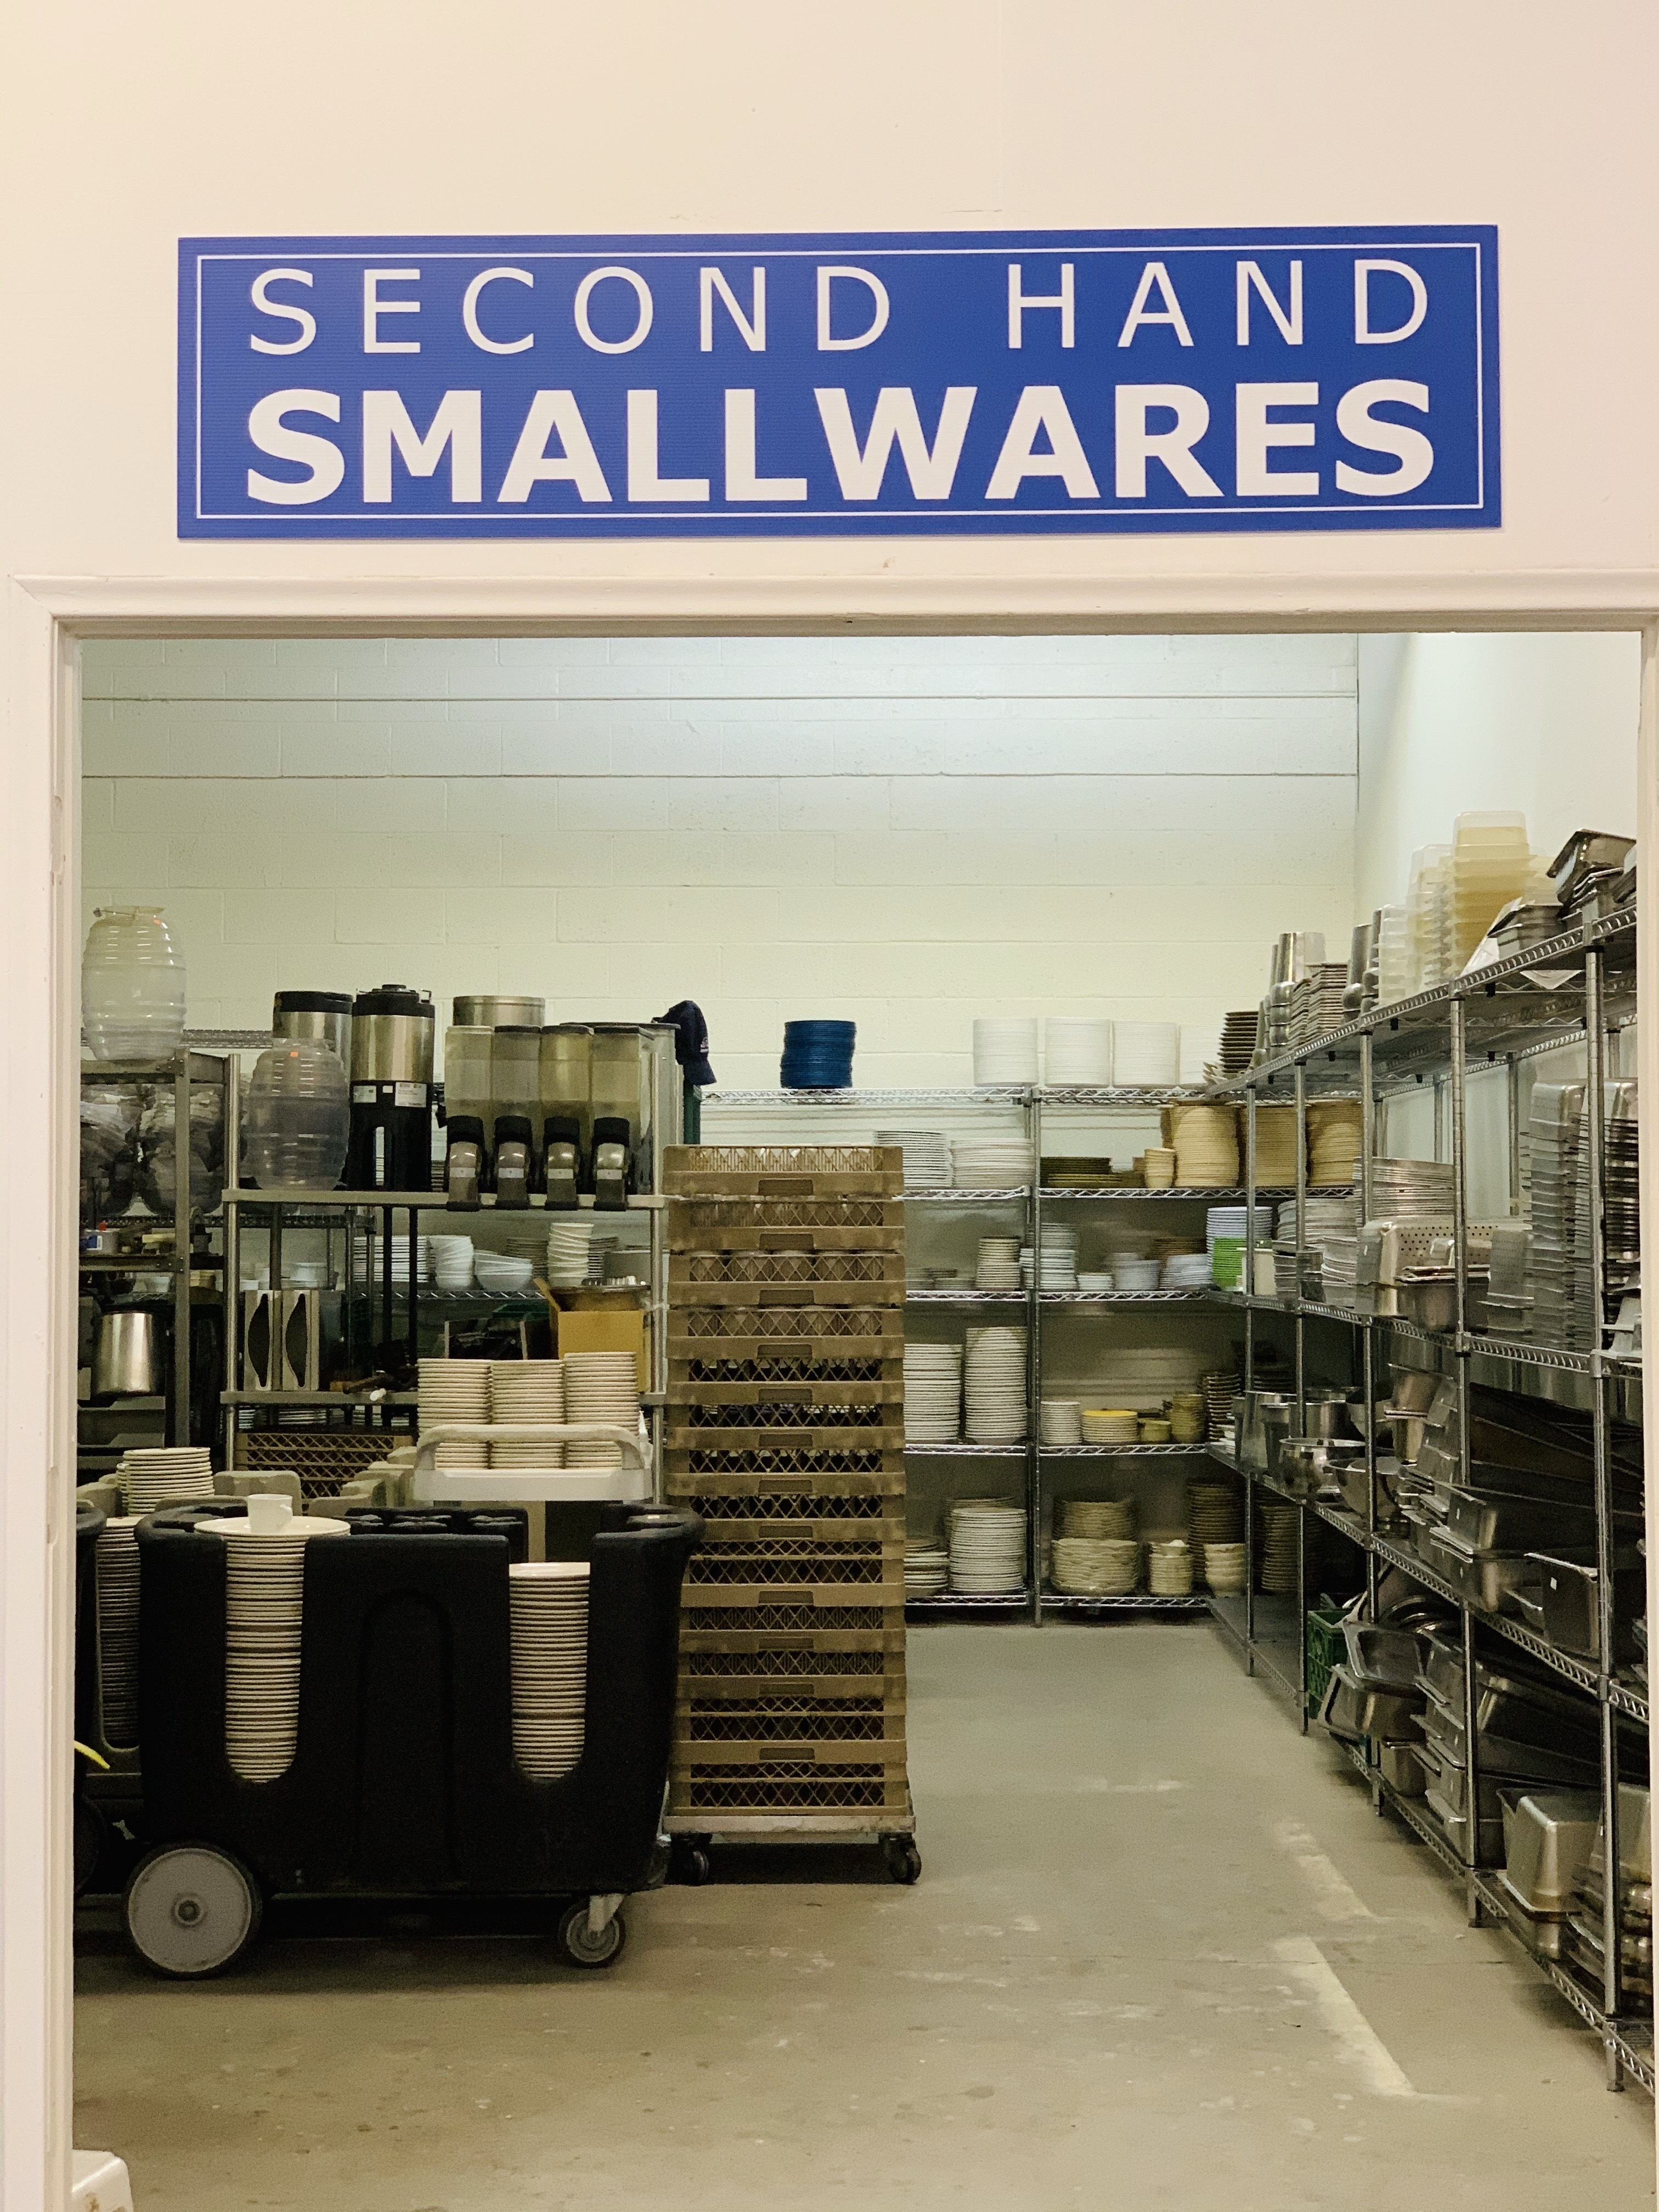 Second Hand Smallwares